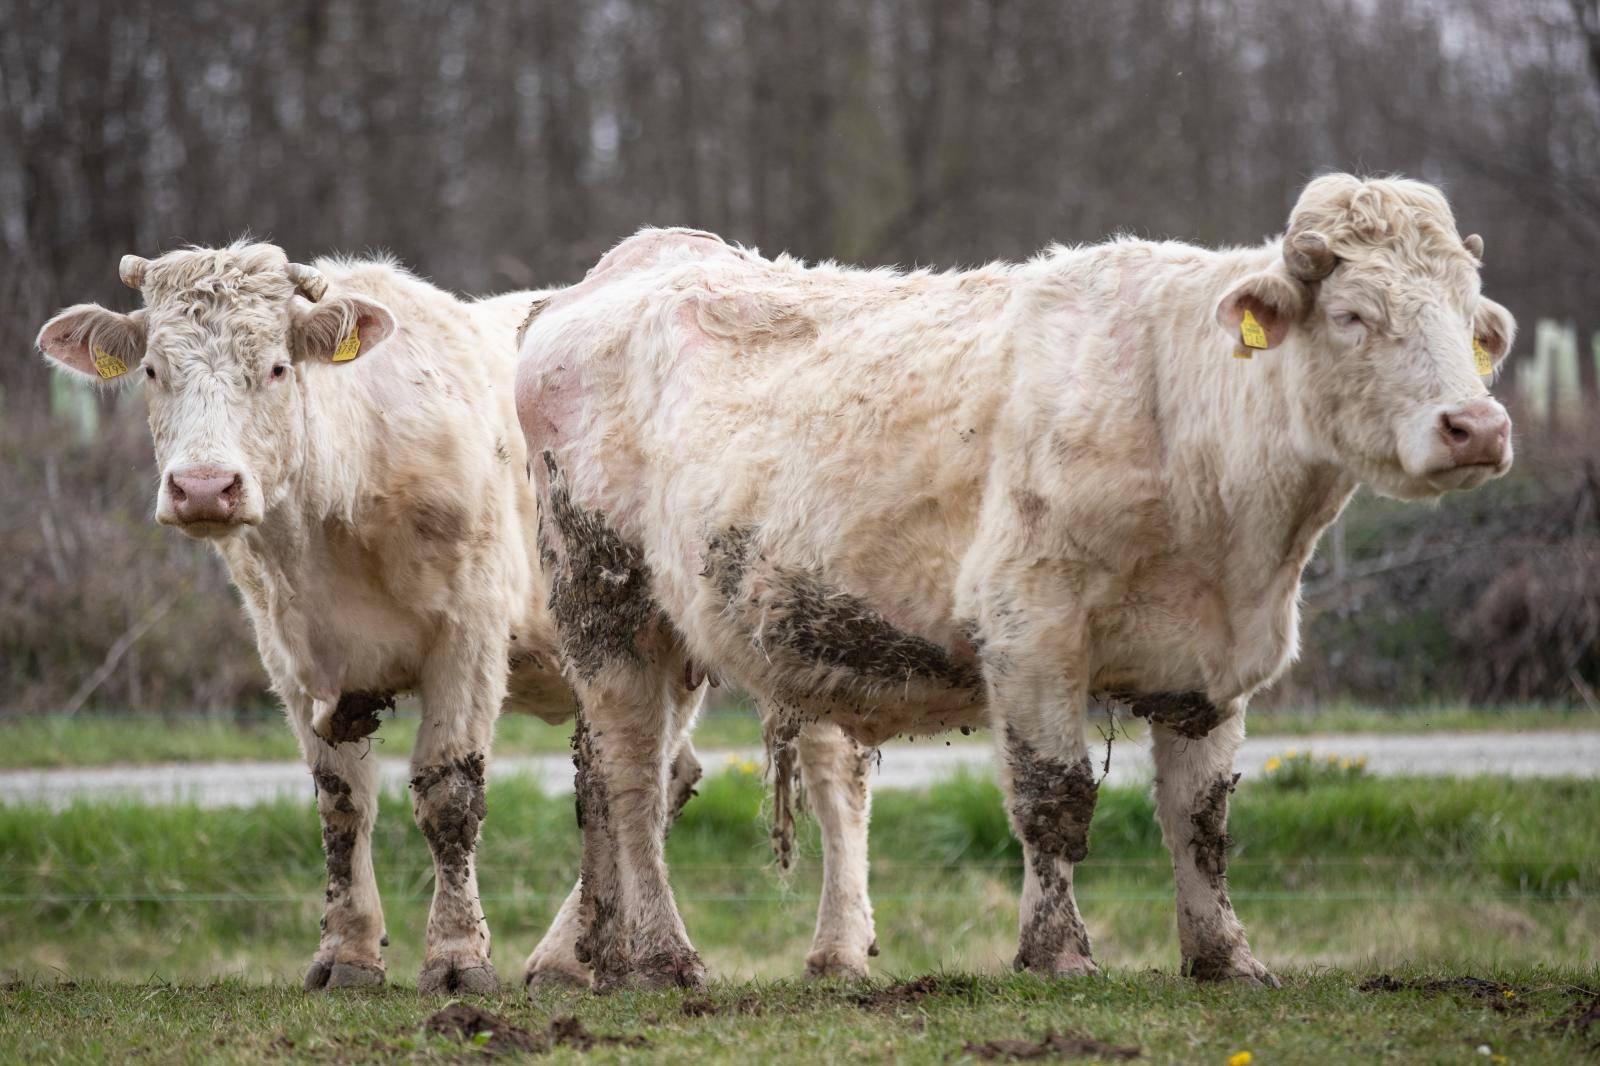 Čak 40% od kravljeg uzgoja ide u lijekove, ruževe, kolagen